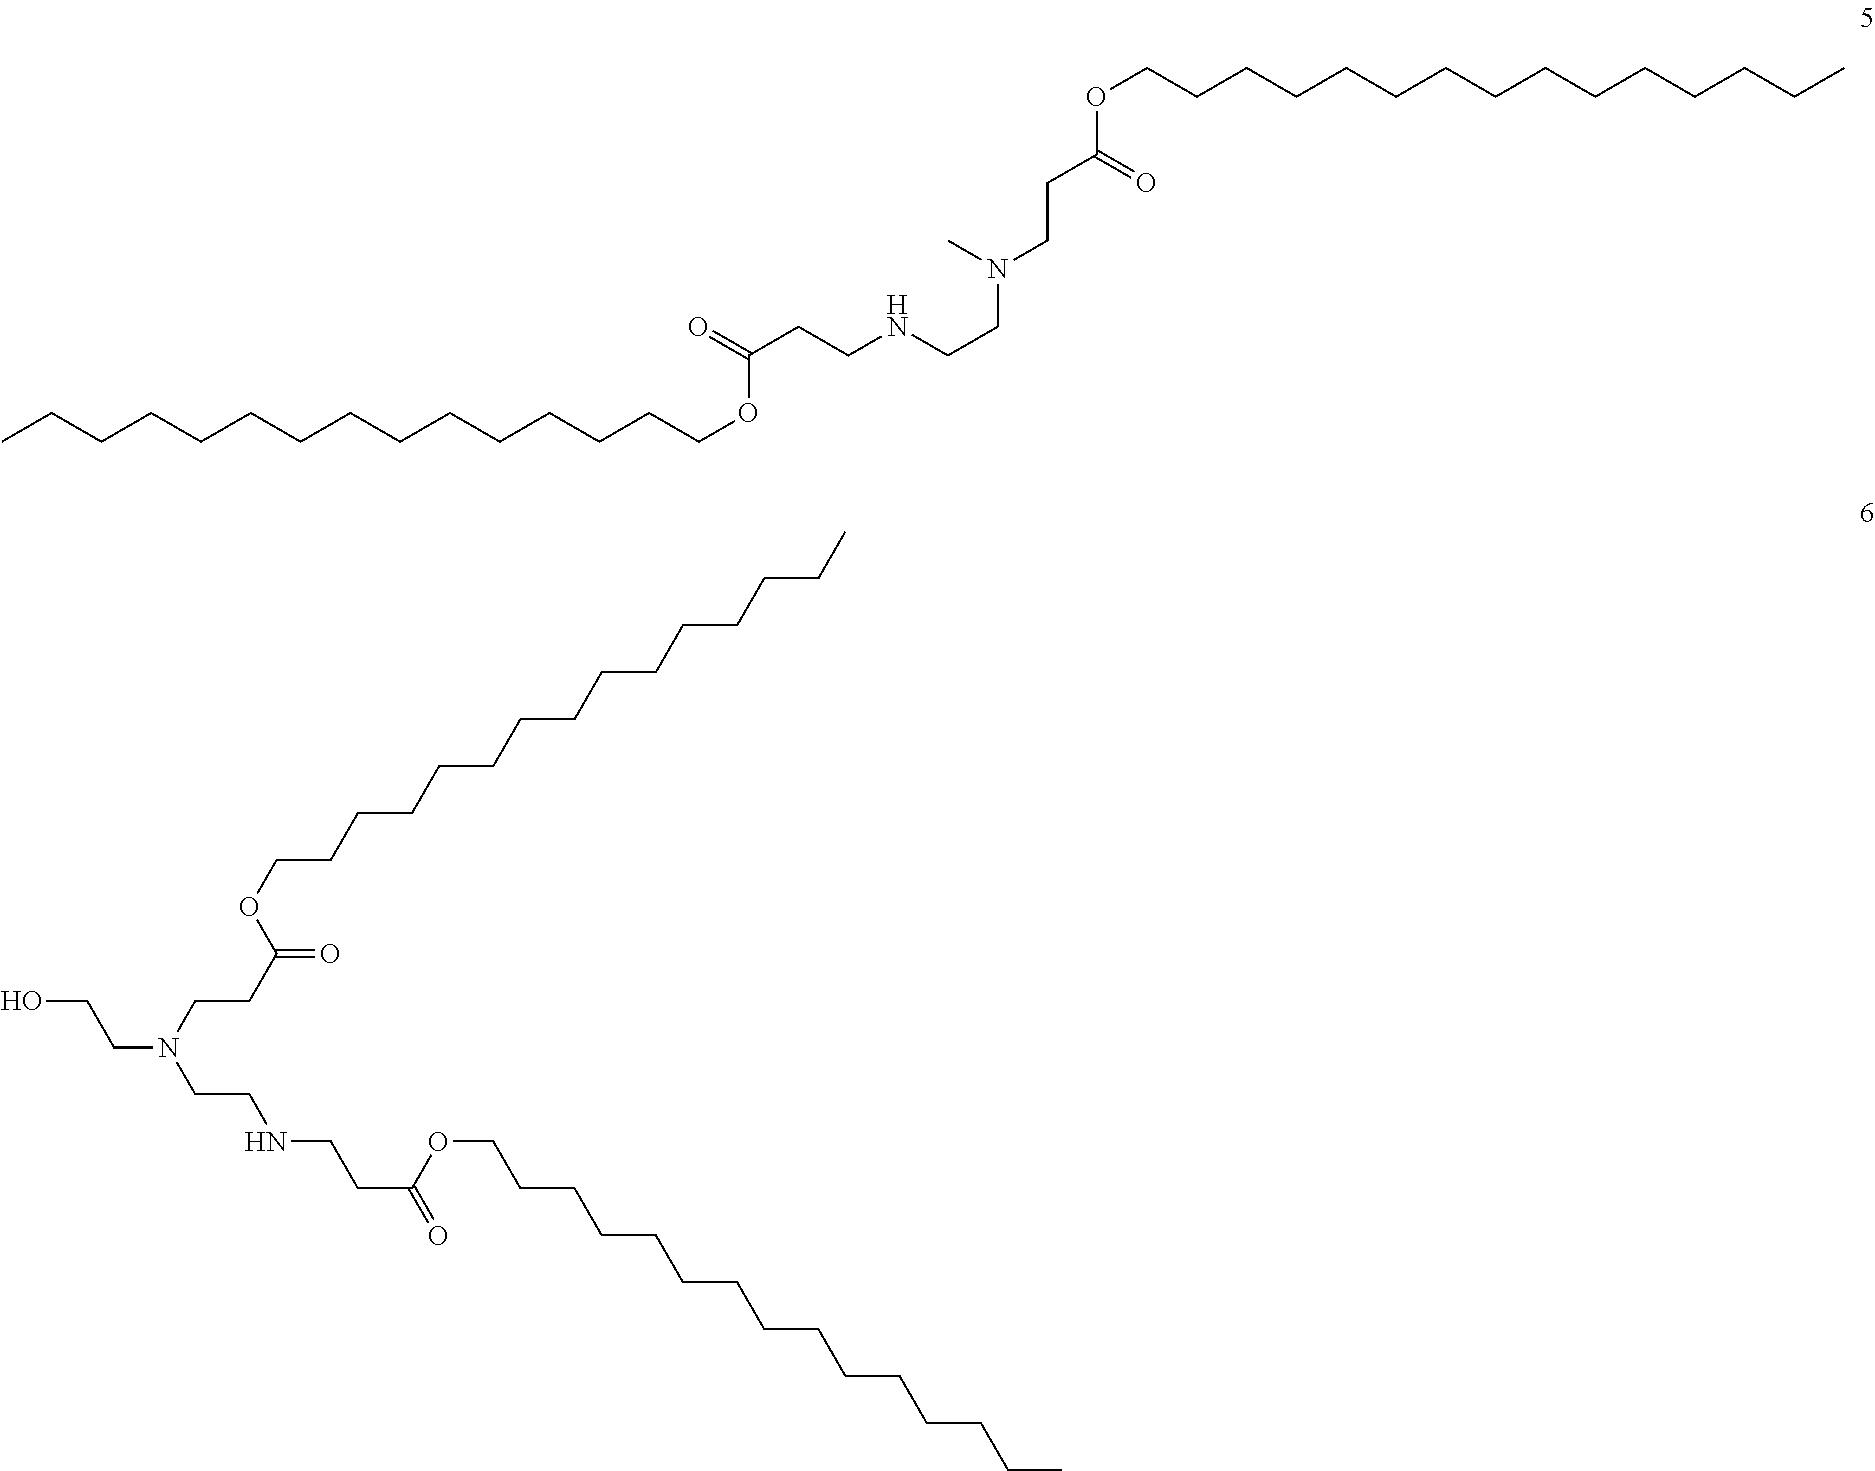 Figure US09901642-20180227-C00011